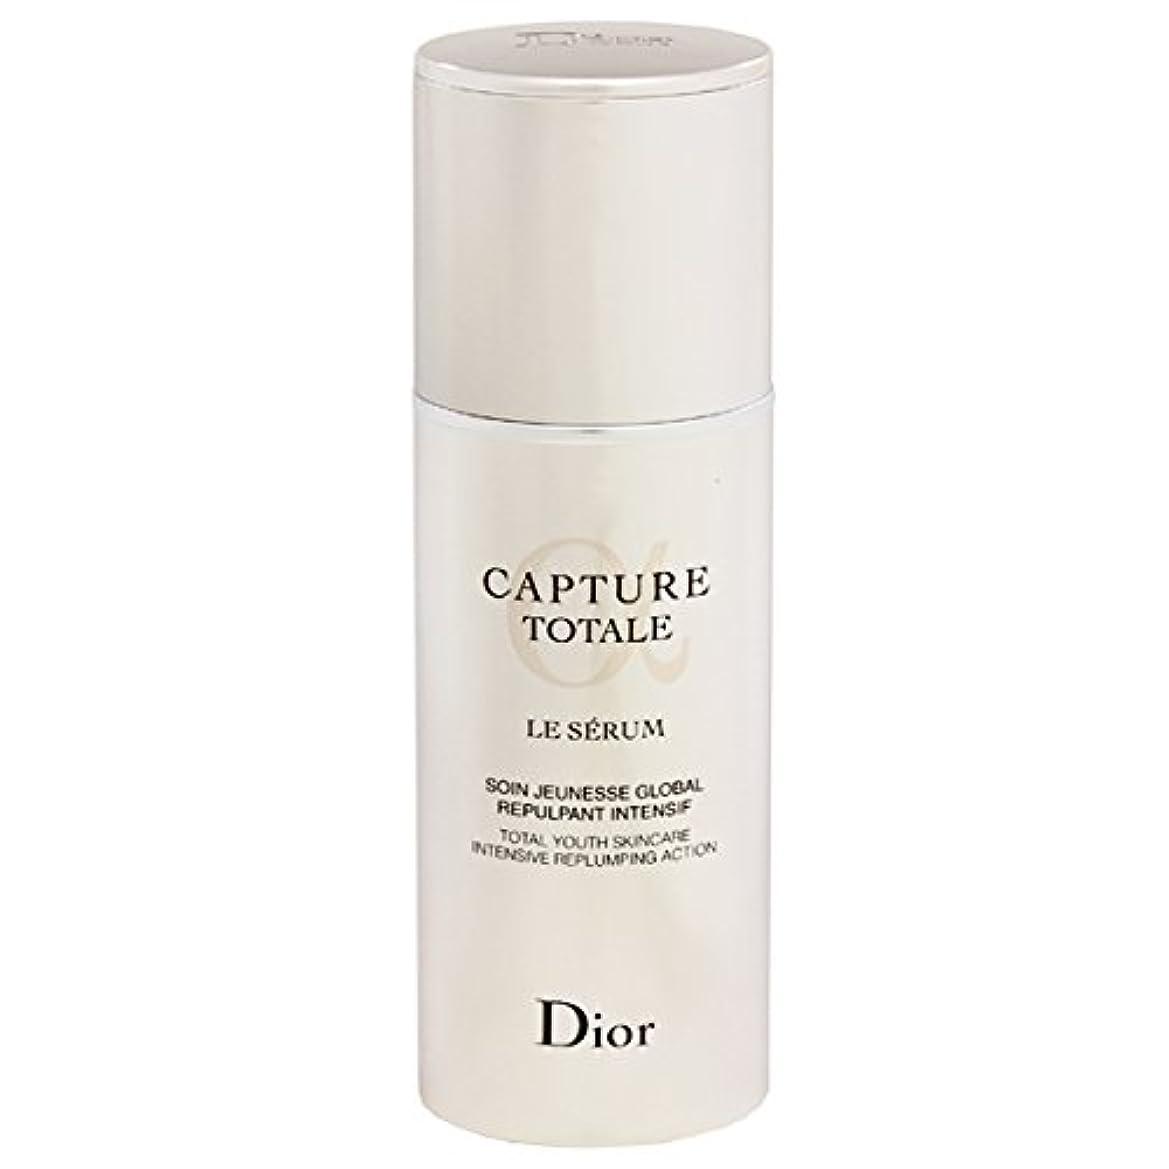 シーサイド国民脈拍Dior カプチュールトータルコンセントレートセラム 50ml [224963] [並行輸入品]